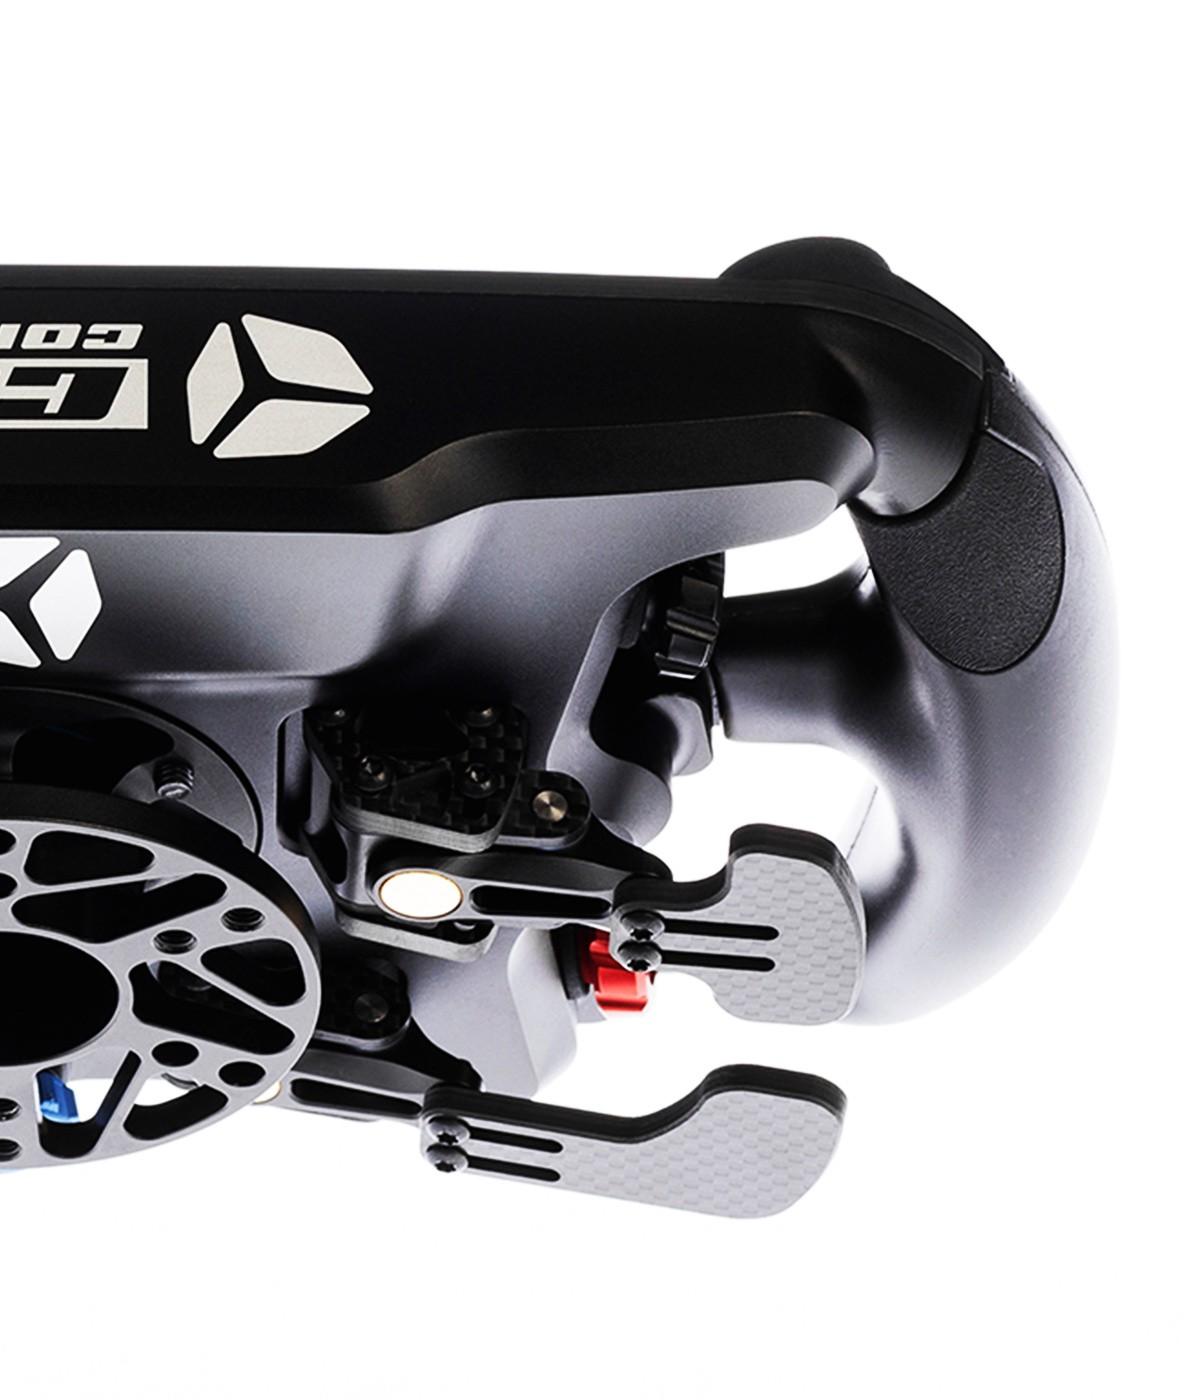 shop.gperformance.eu - Cube Controls Formula CSX 2 PC USB pure carbon fibre professional ultimate sim racing wheel Fanatec Logitech Thurstmaster Accuforce SimuCube 2 G-Performance